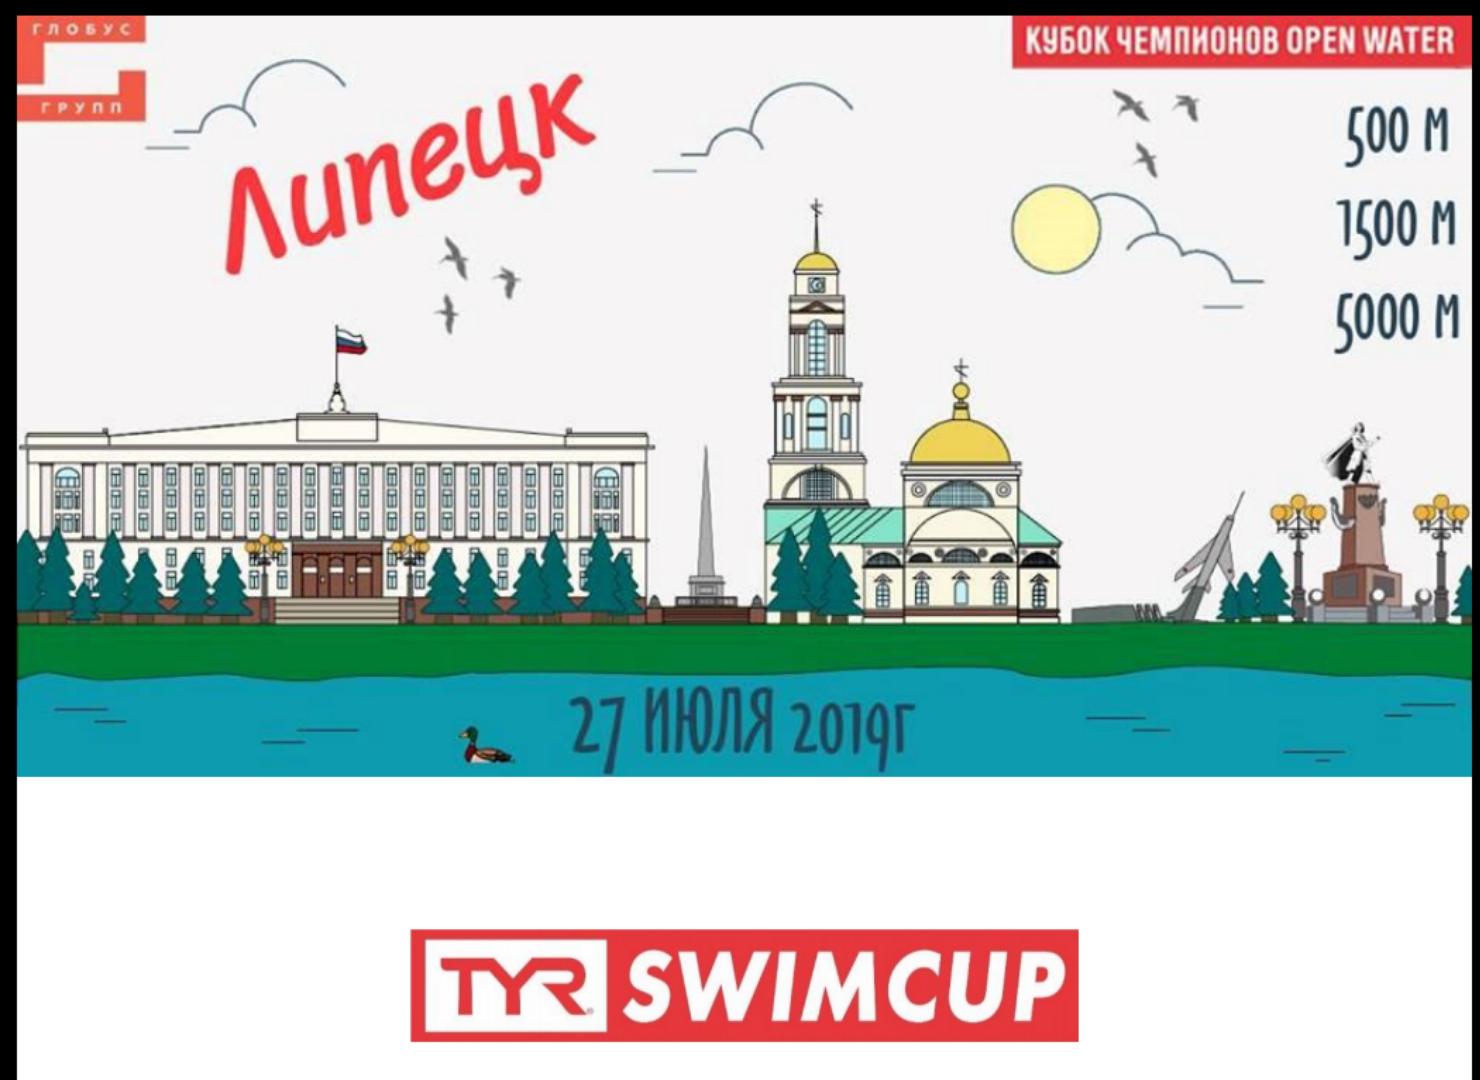 Кубок Чемпионов в Липецке 27.07.2019